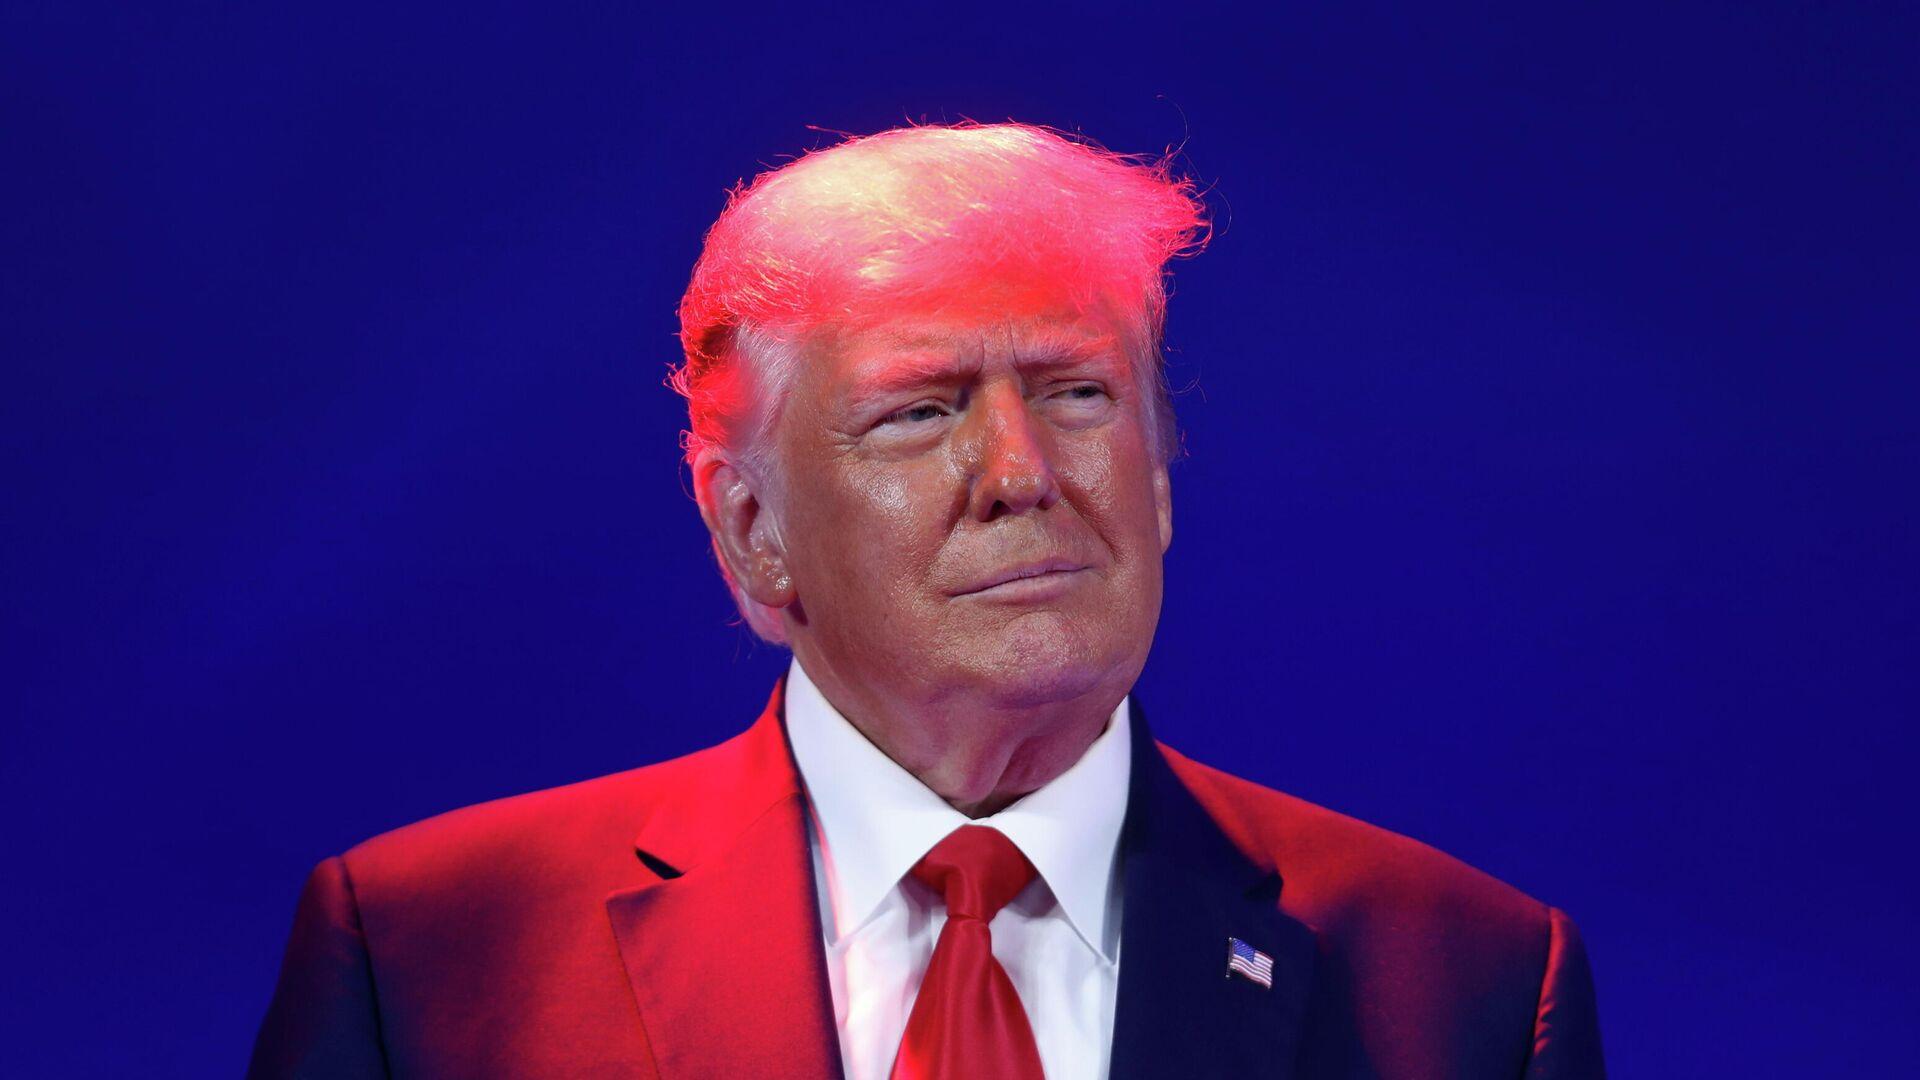 Бывший президент США Дональд Трамп на конференции консервативных политических партий в Орландо - РИА Новости, 1920, 08.03.2021